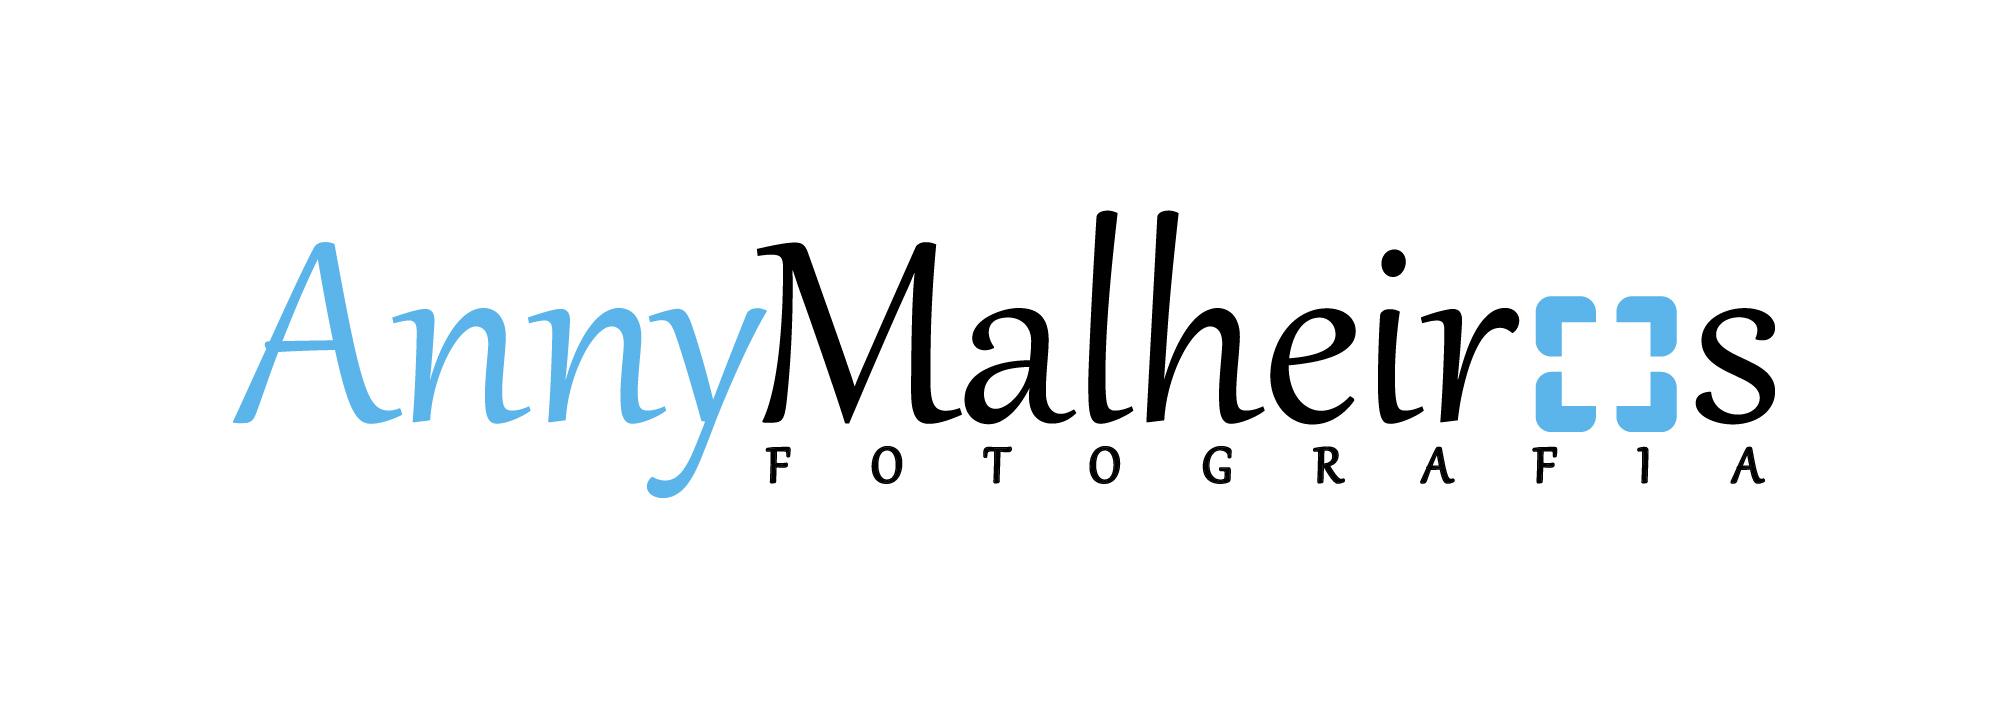 Contate Anny Malheiros Fotografia   História Além da Memória!